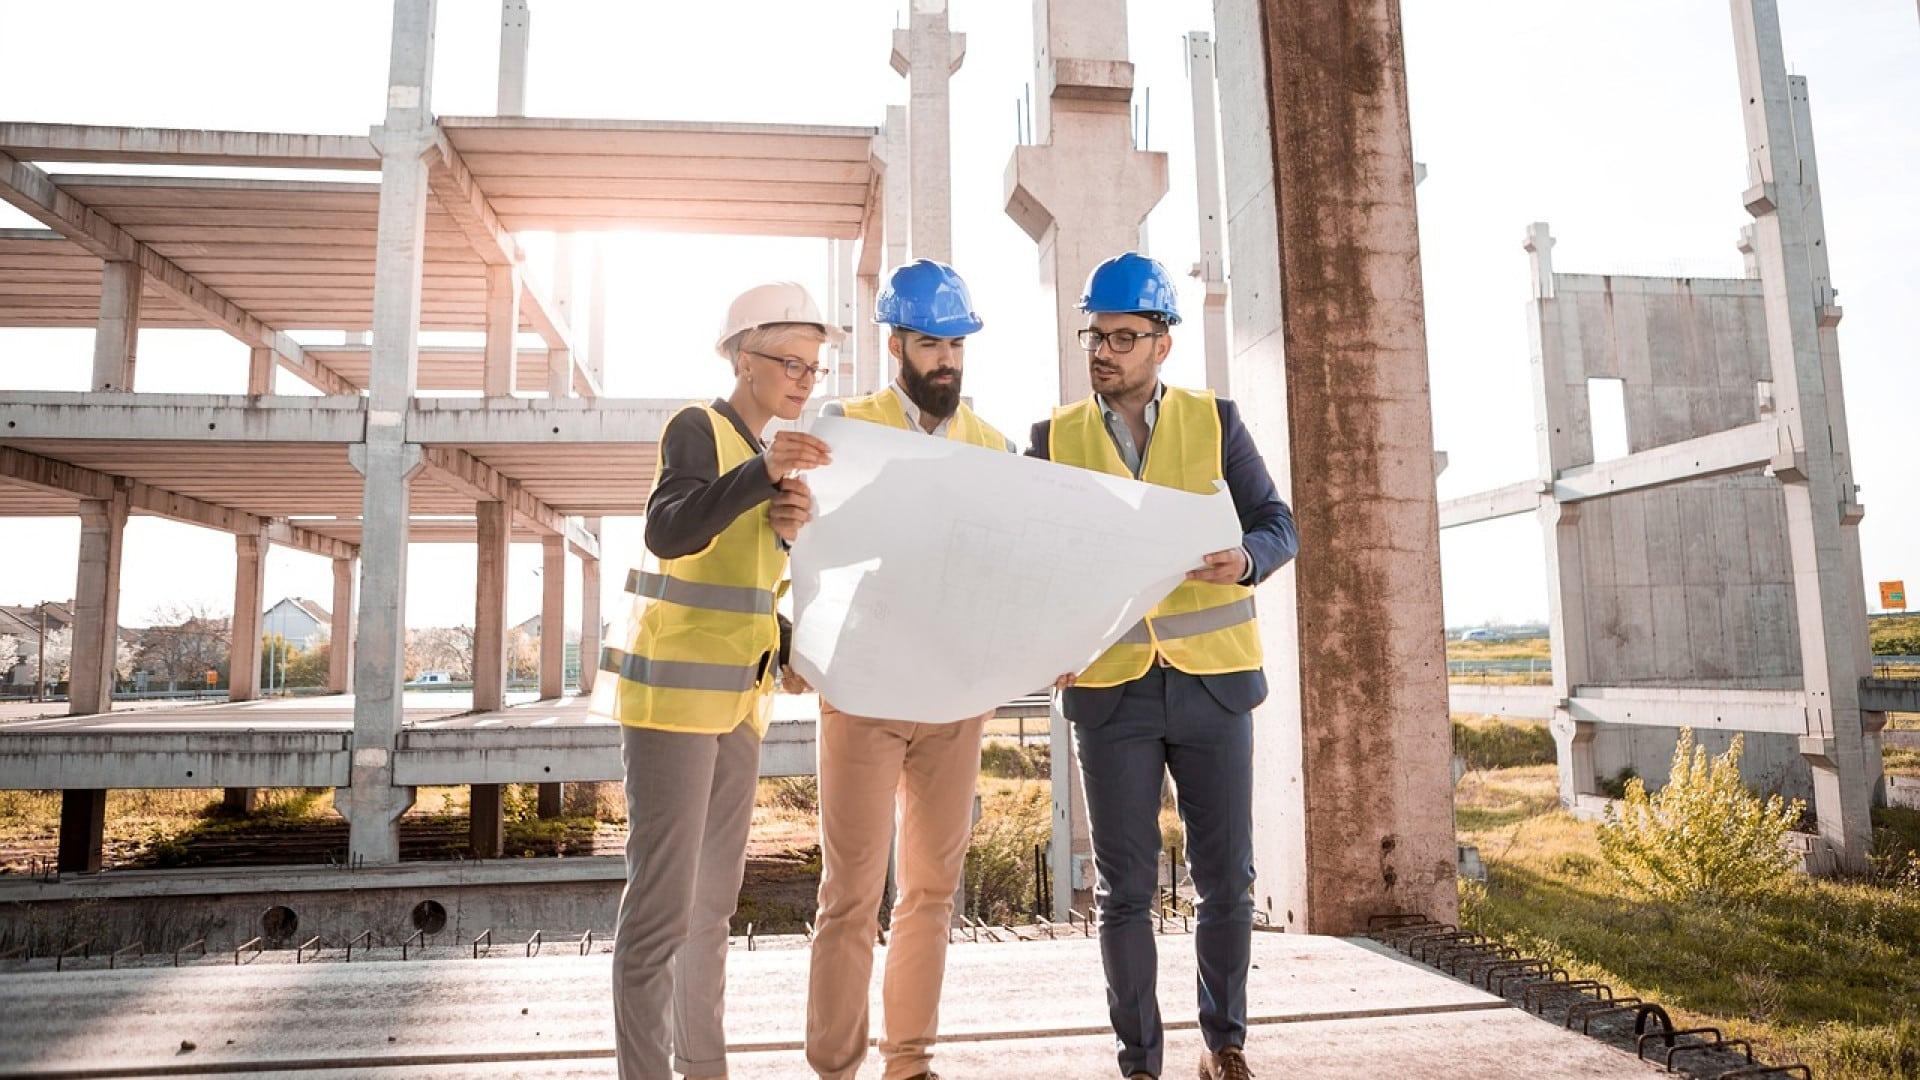 Comment réussir son plan d'architecture ?